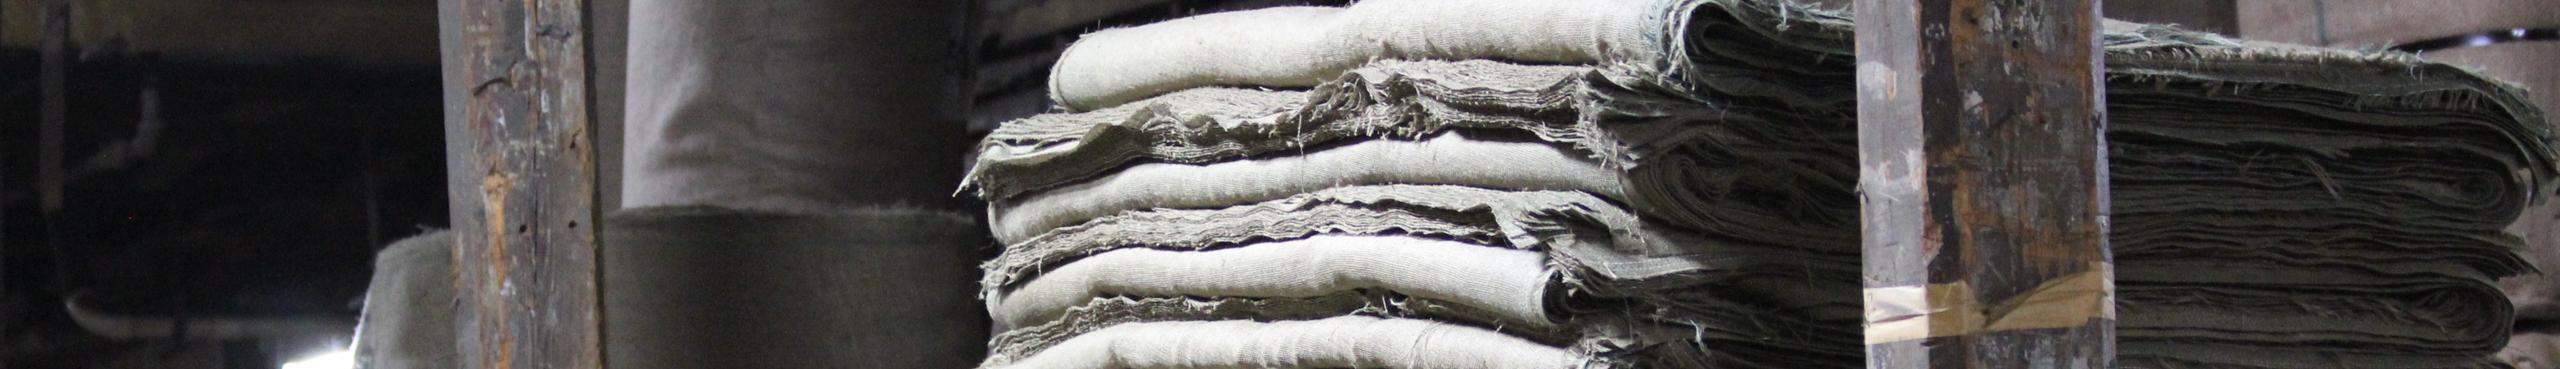 New Industrial Burlap Bags